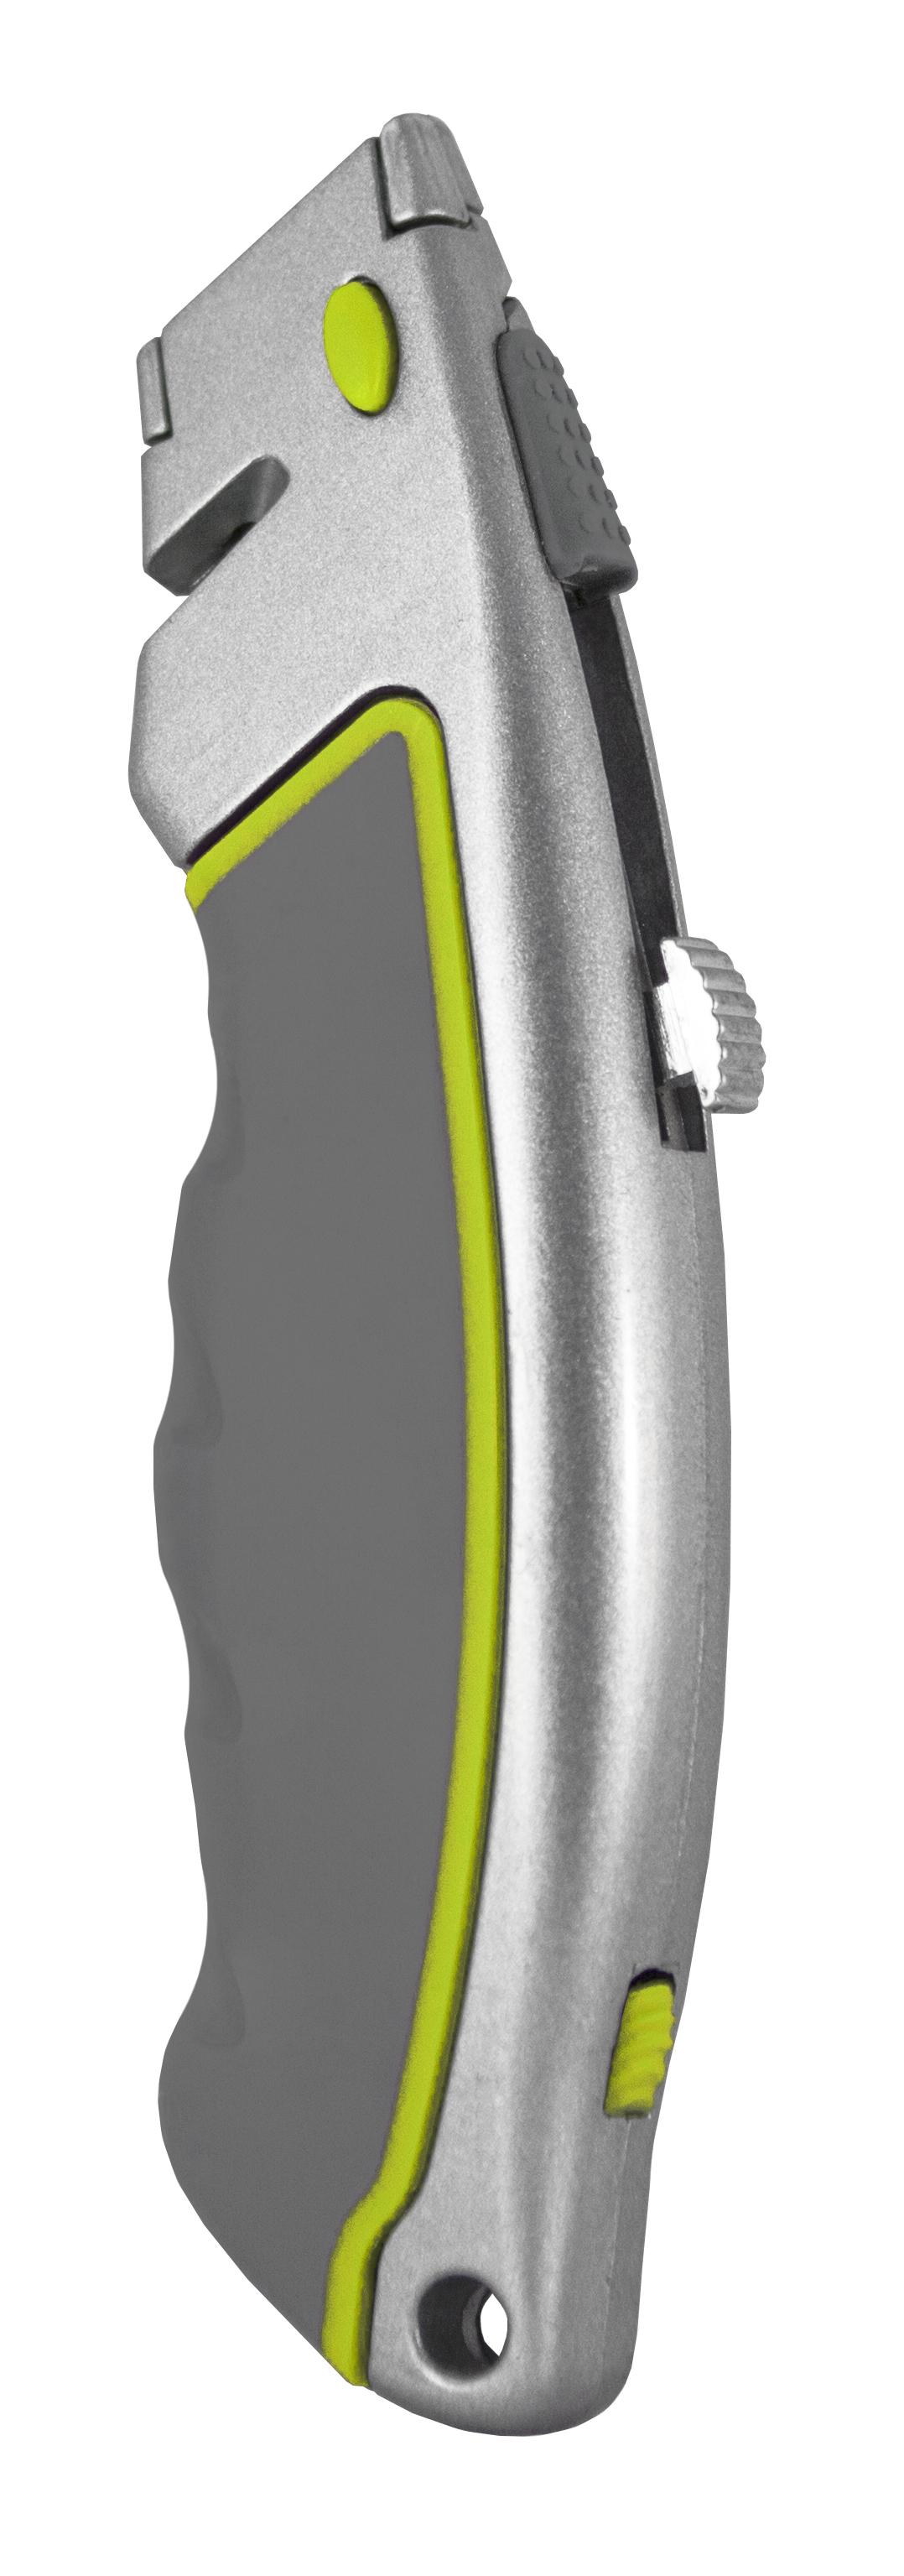 Нож Armero A511-310 цена